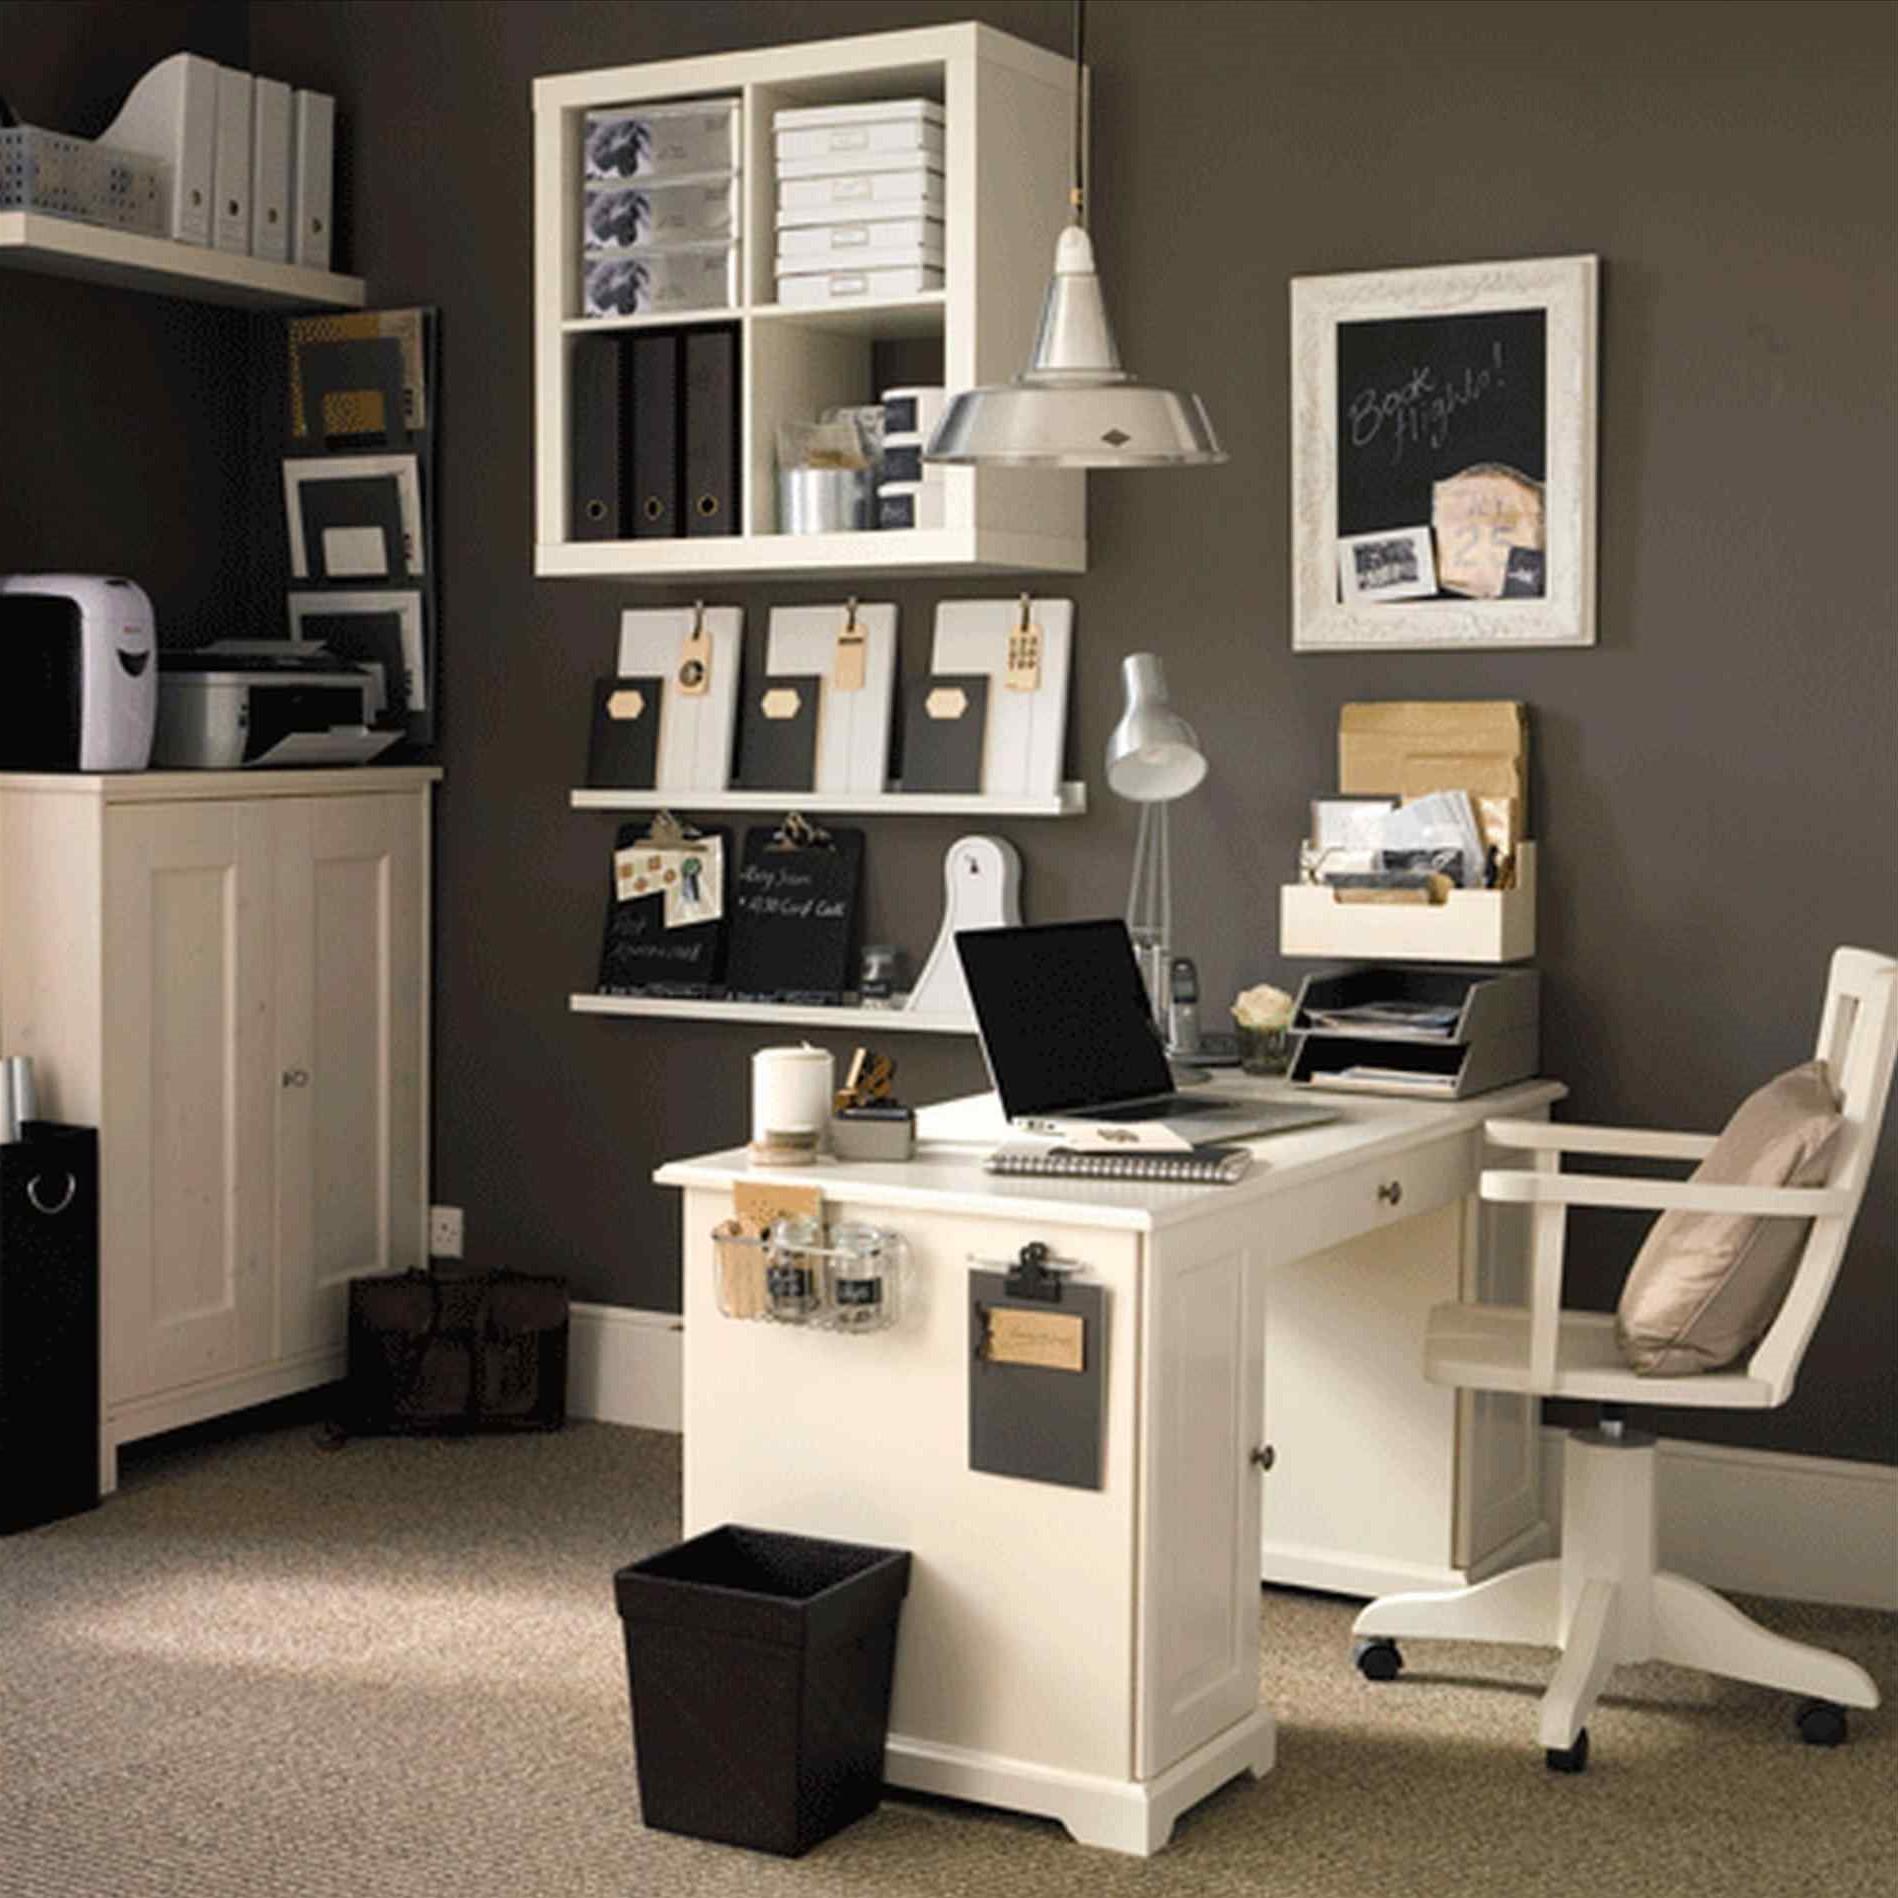 Utilisez également tout votre espace vertical en plaçant des armoires fixées au mur.